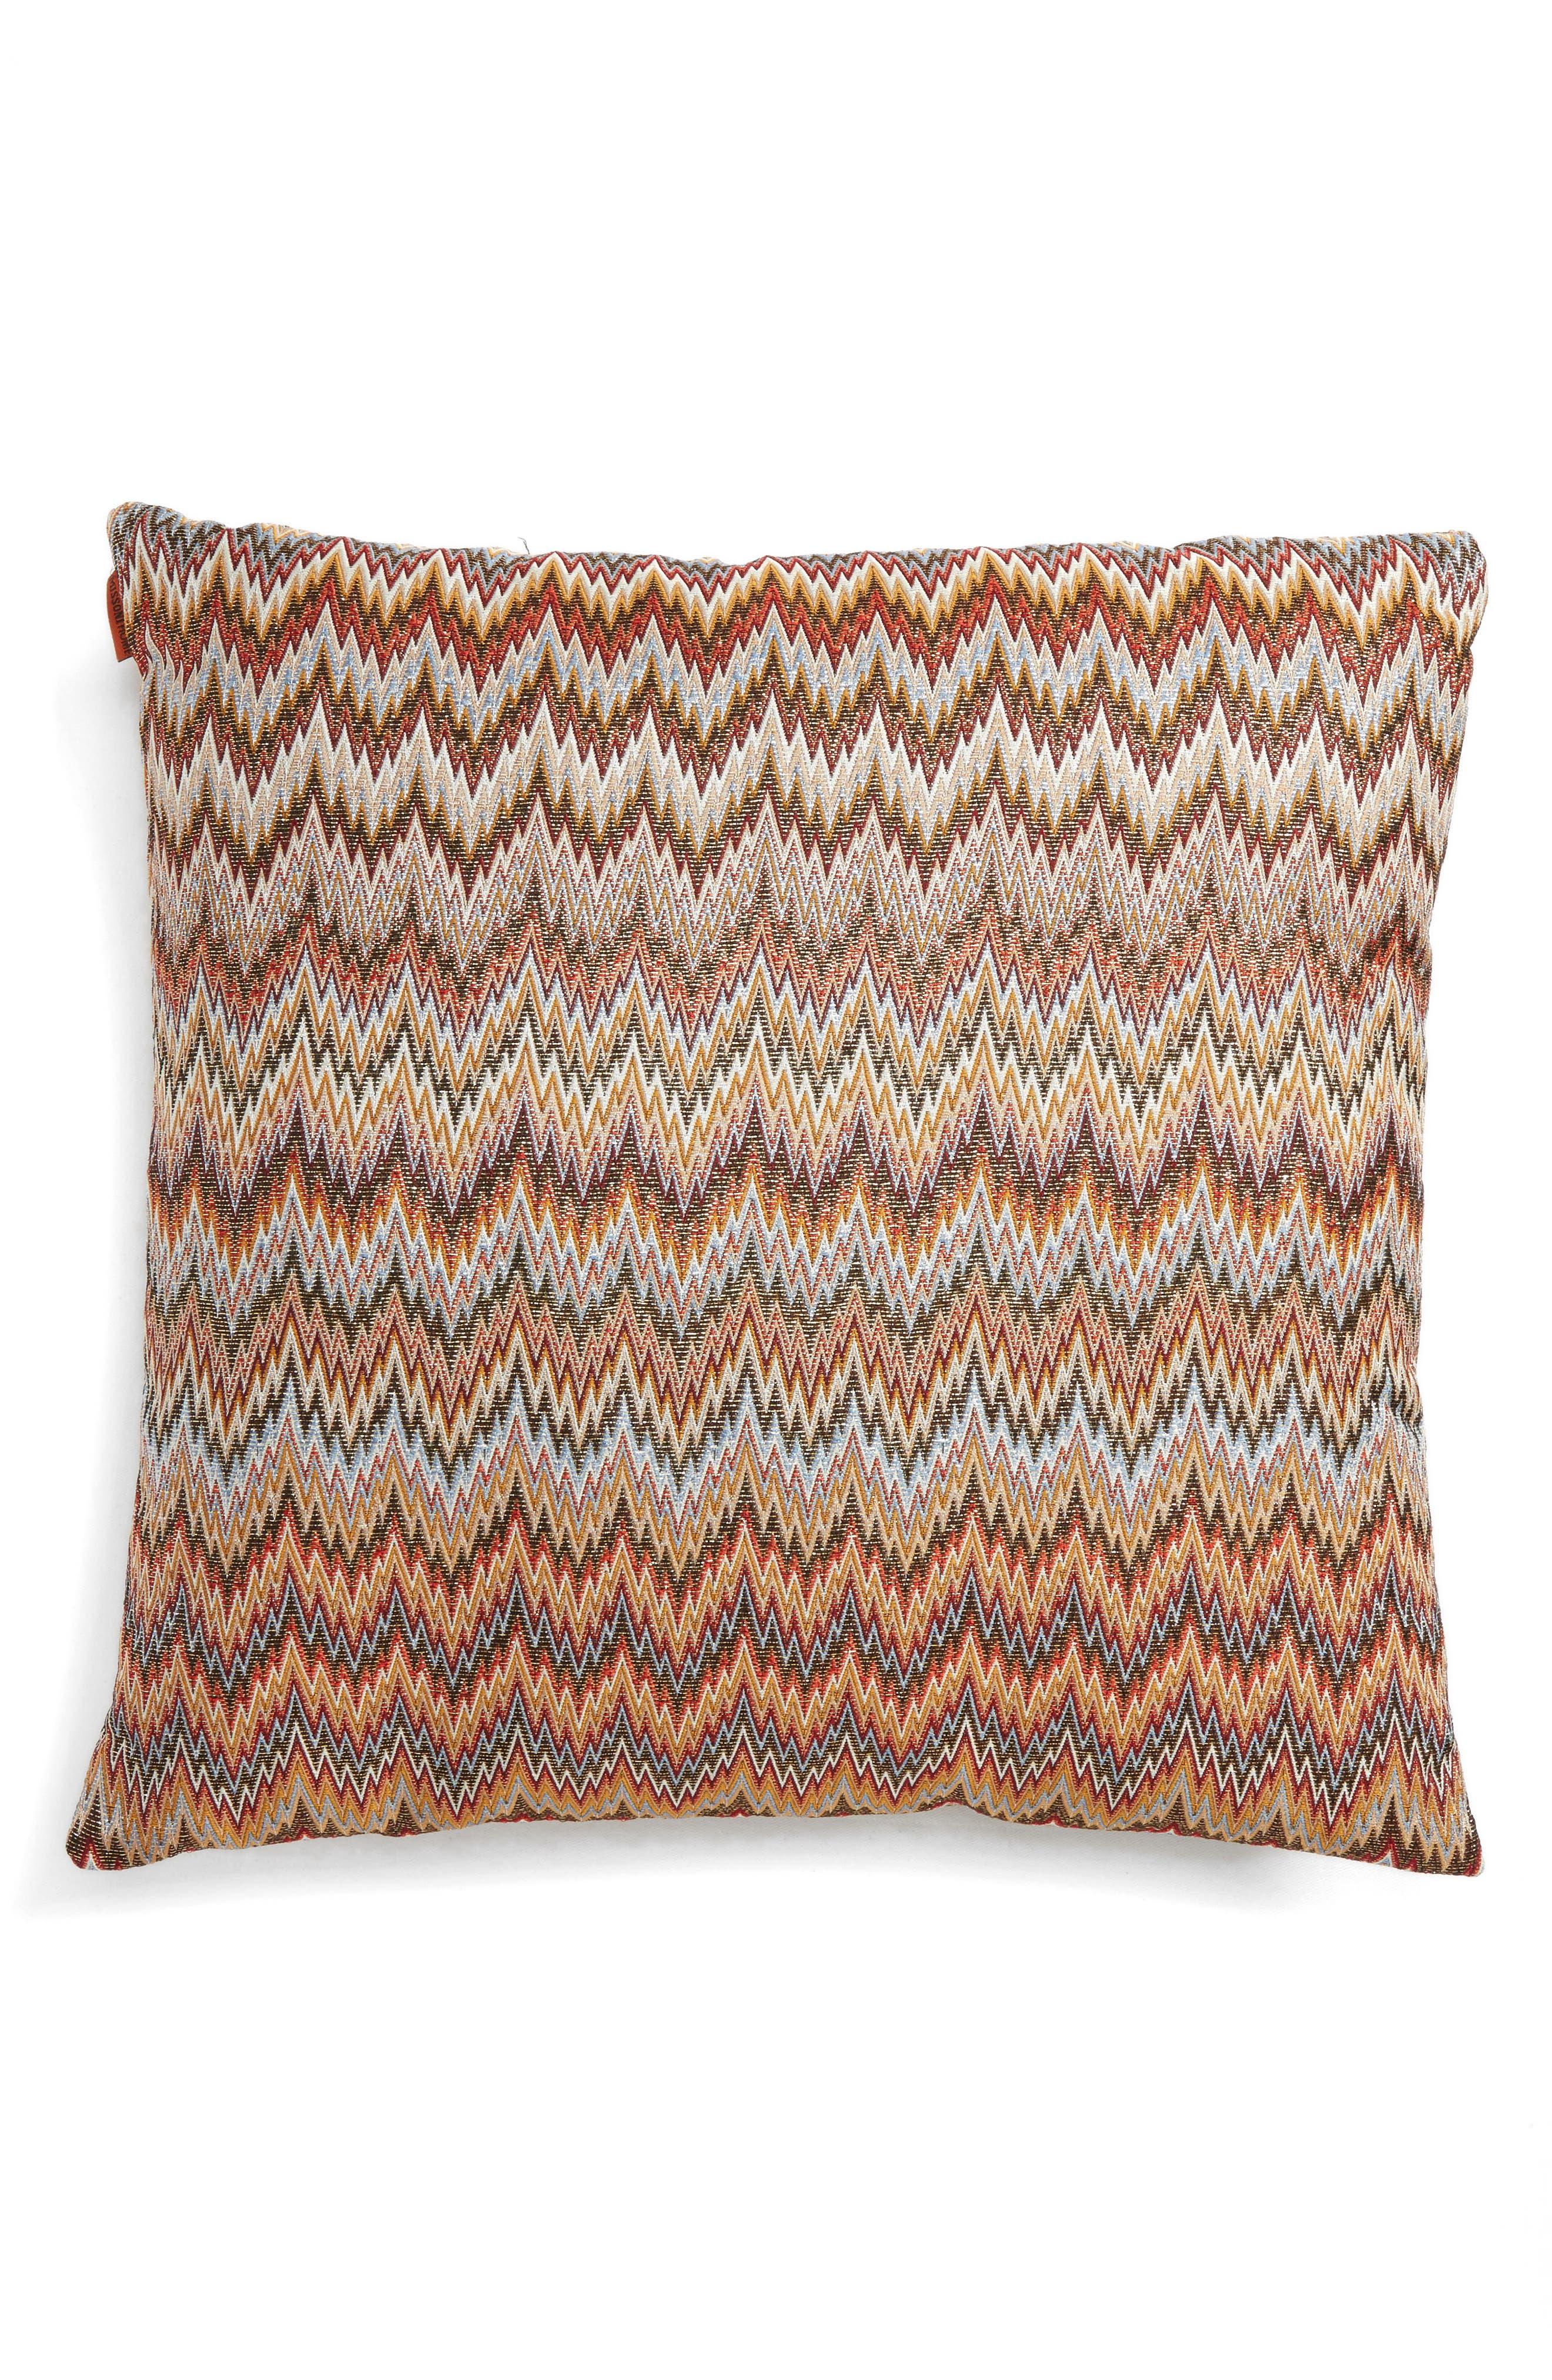 Main Image - Missoni Plaisir Accent Pillow